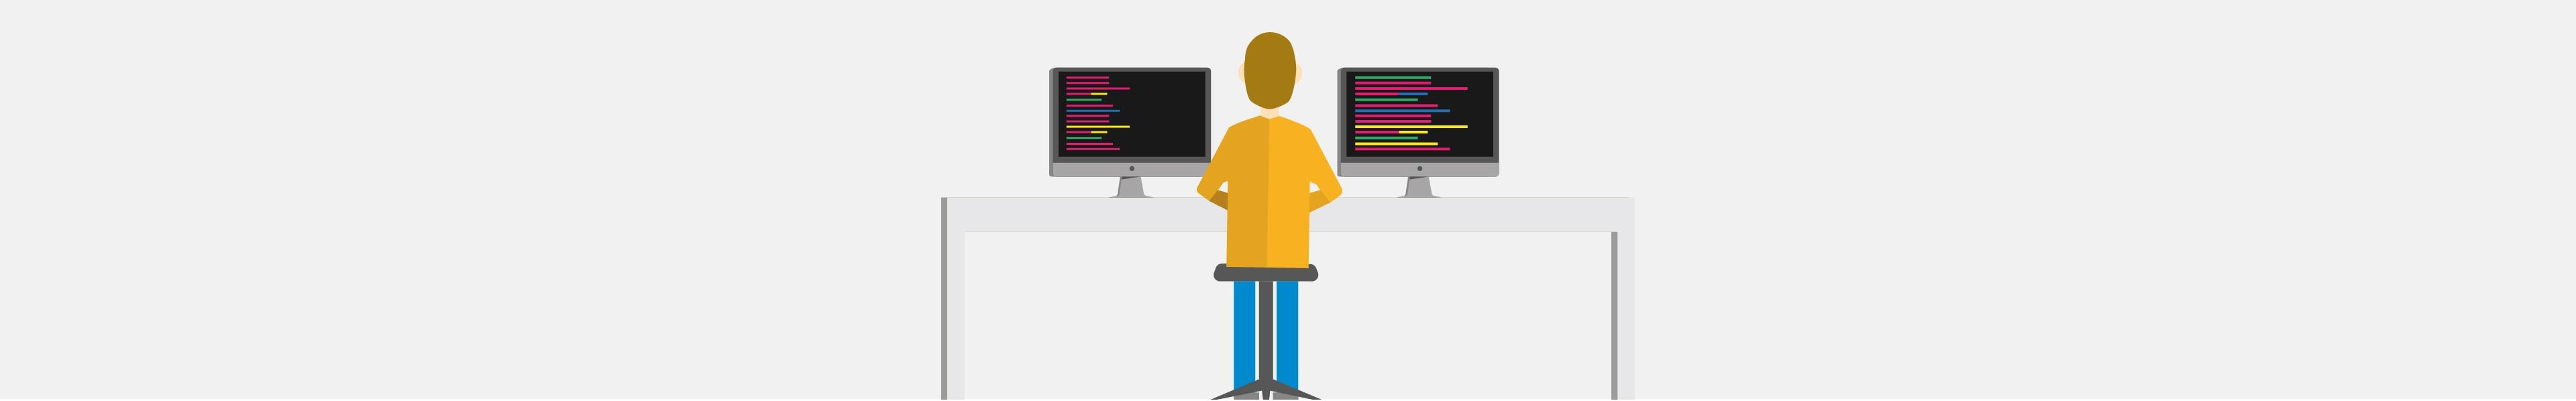 bg_img_the_job_.net_developer.jpg